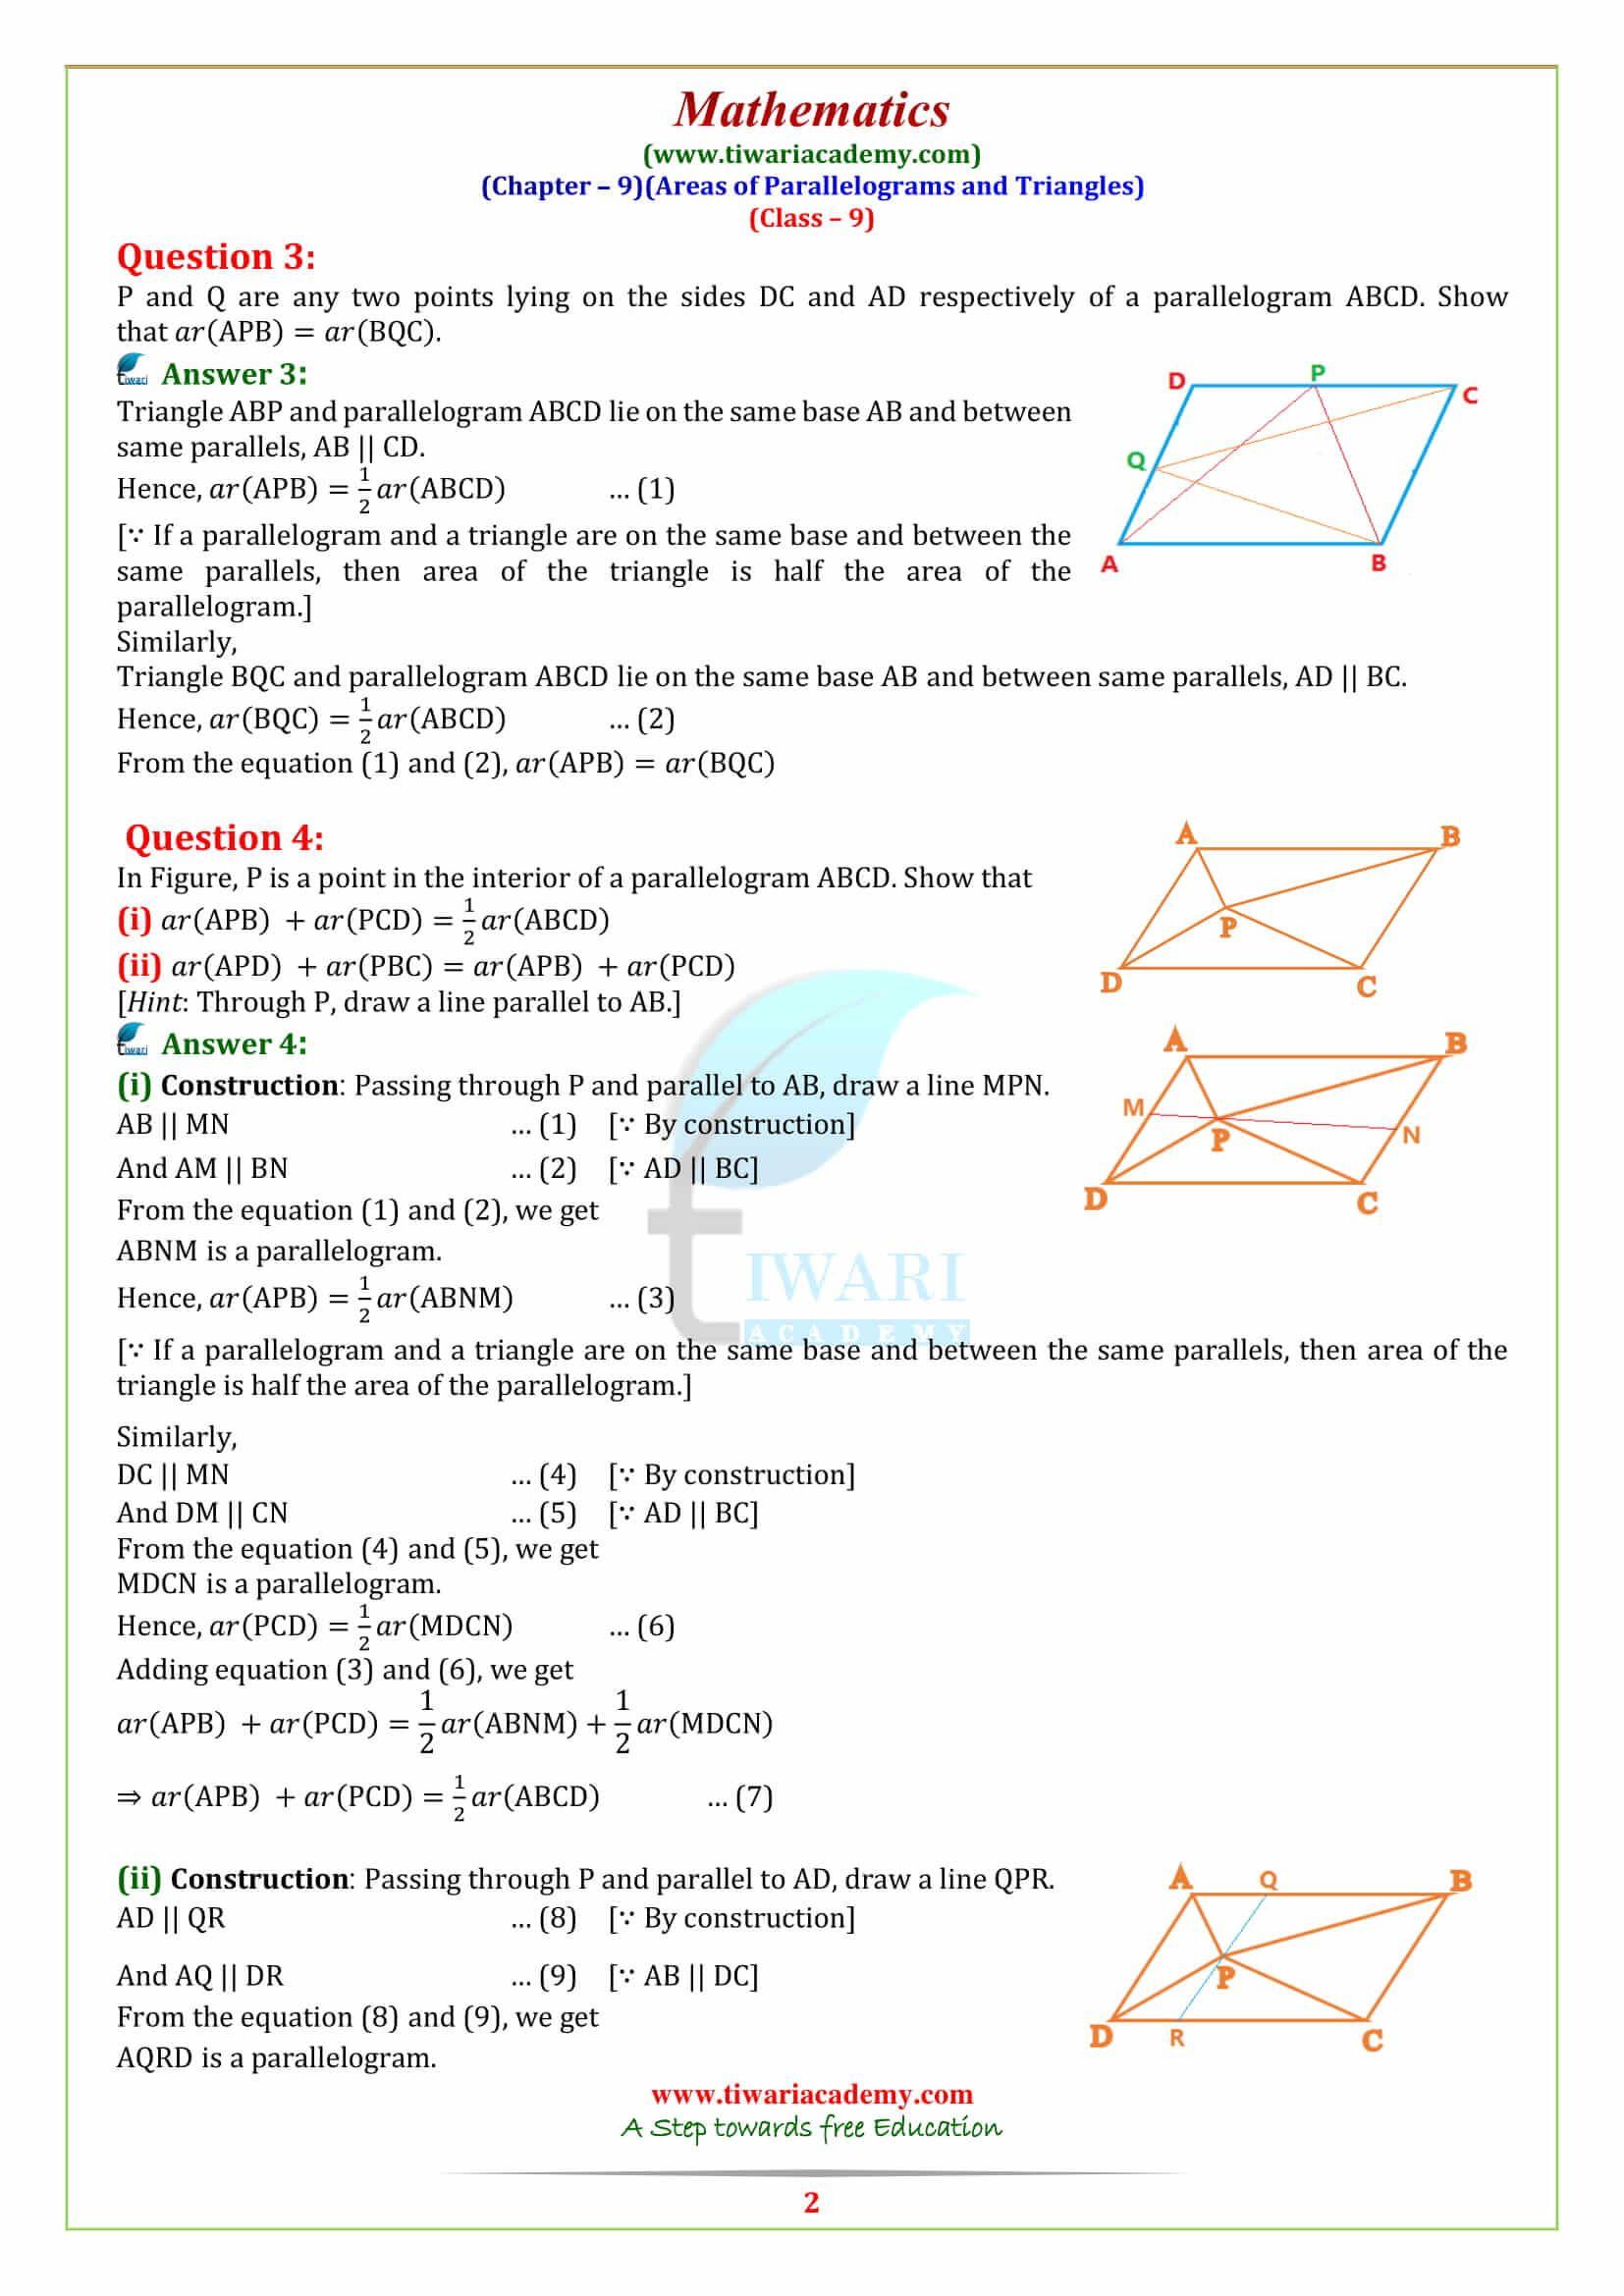 Ncert Solutions In Hindi Medium For Class 9 Maths Solutions Math Class [ 2339 x 1654 Pixel ]